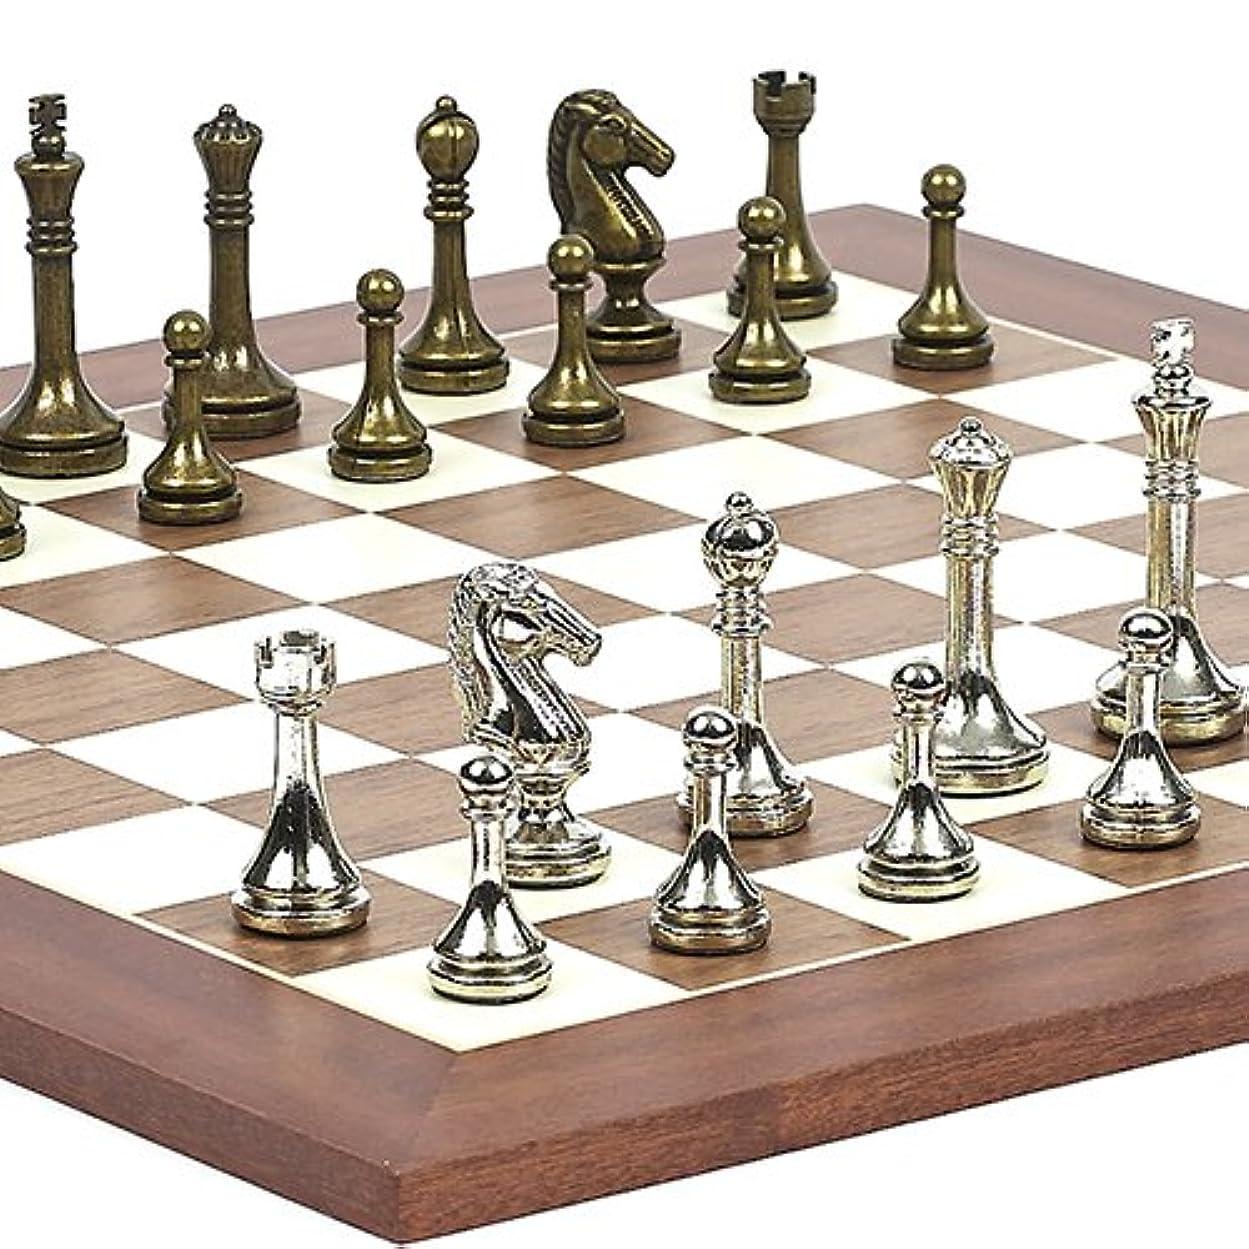 発表ありそう一般的なAstor Row StauntonメタルChessmen & Stuyvesant Streetチェスボードfrom Spain